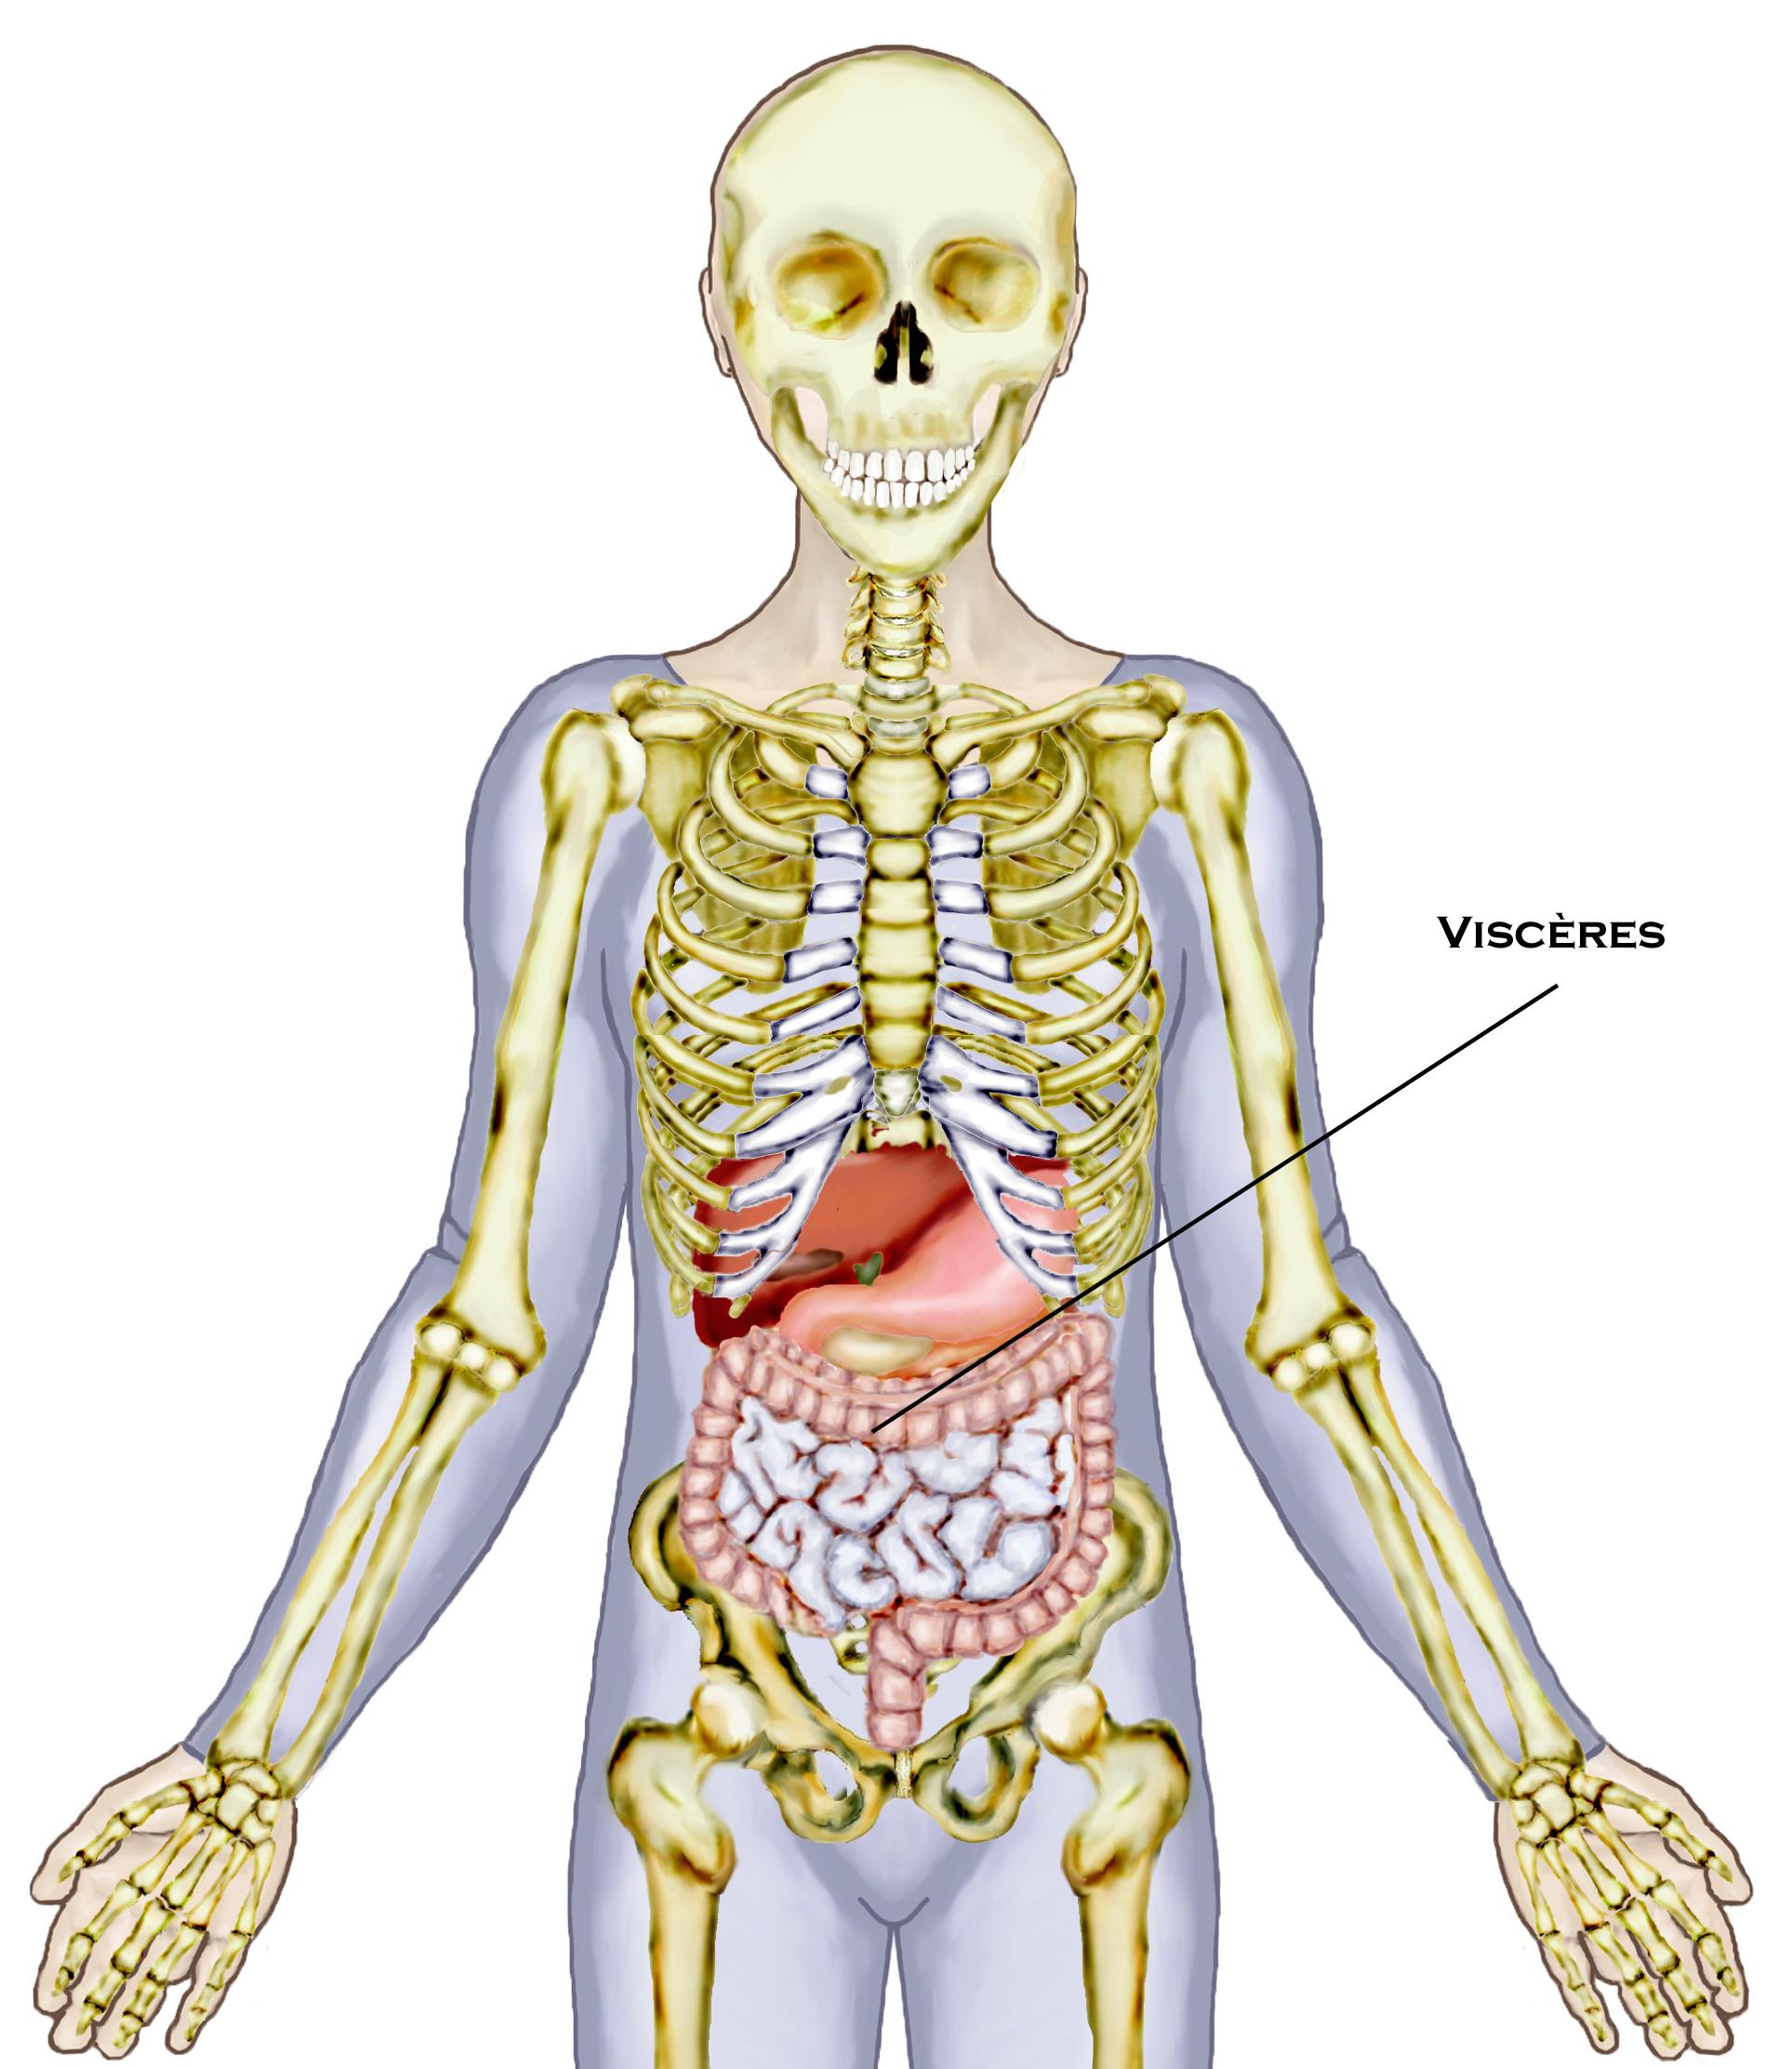 Les visc res intestin grele biliaire et le latin - Sensation de froid interieur du corps ...